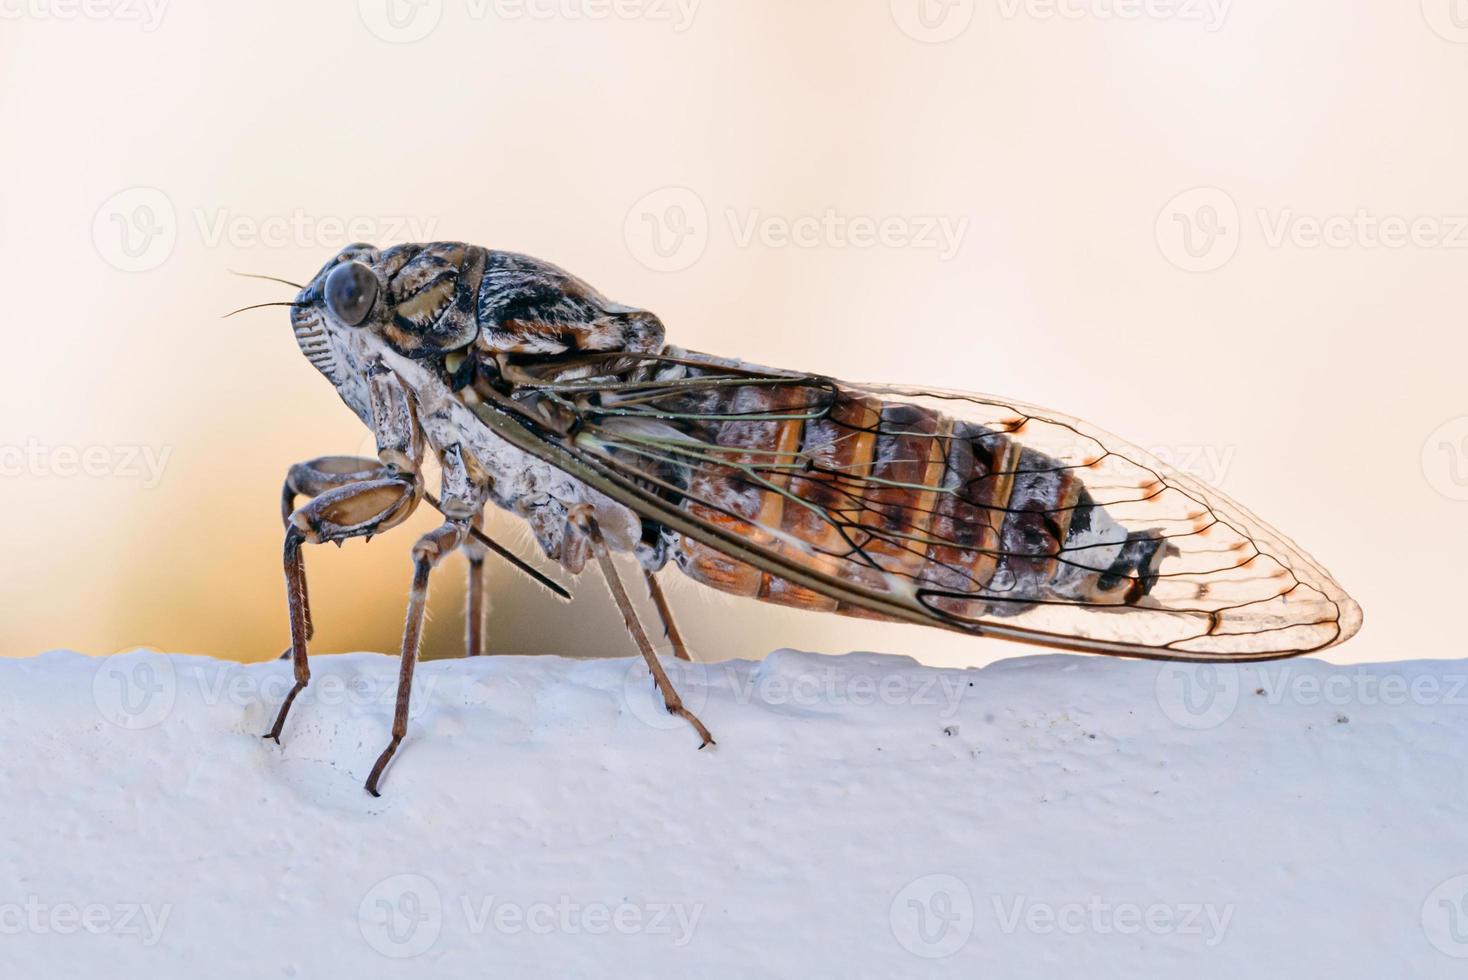 cicala insetto. cicala primo piano su un muro bianco. fotografia macro di cicala. foto